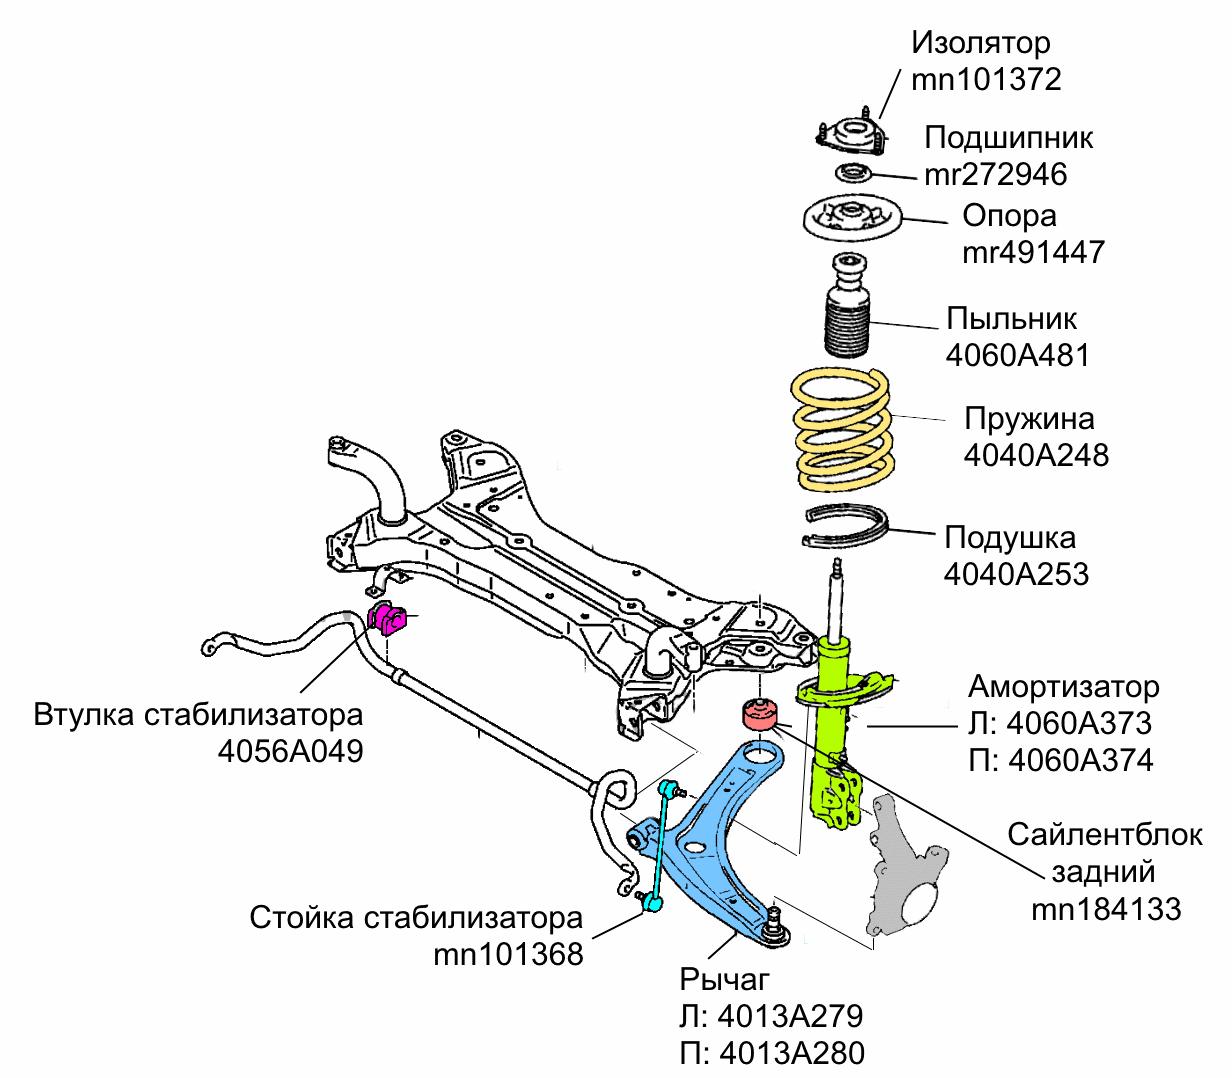 Диагностика подвески лансер 10 Замена клапанной прокладки кадиллак